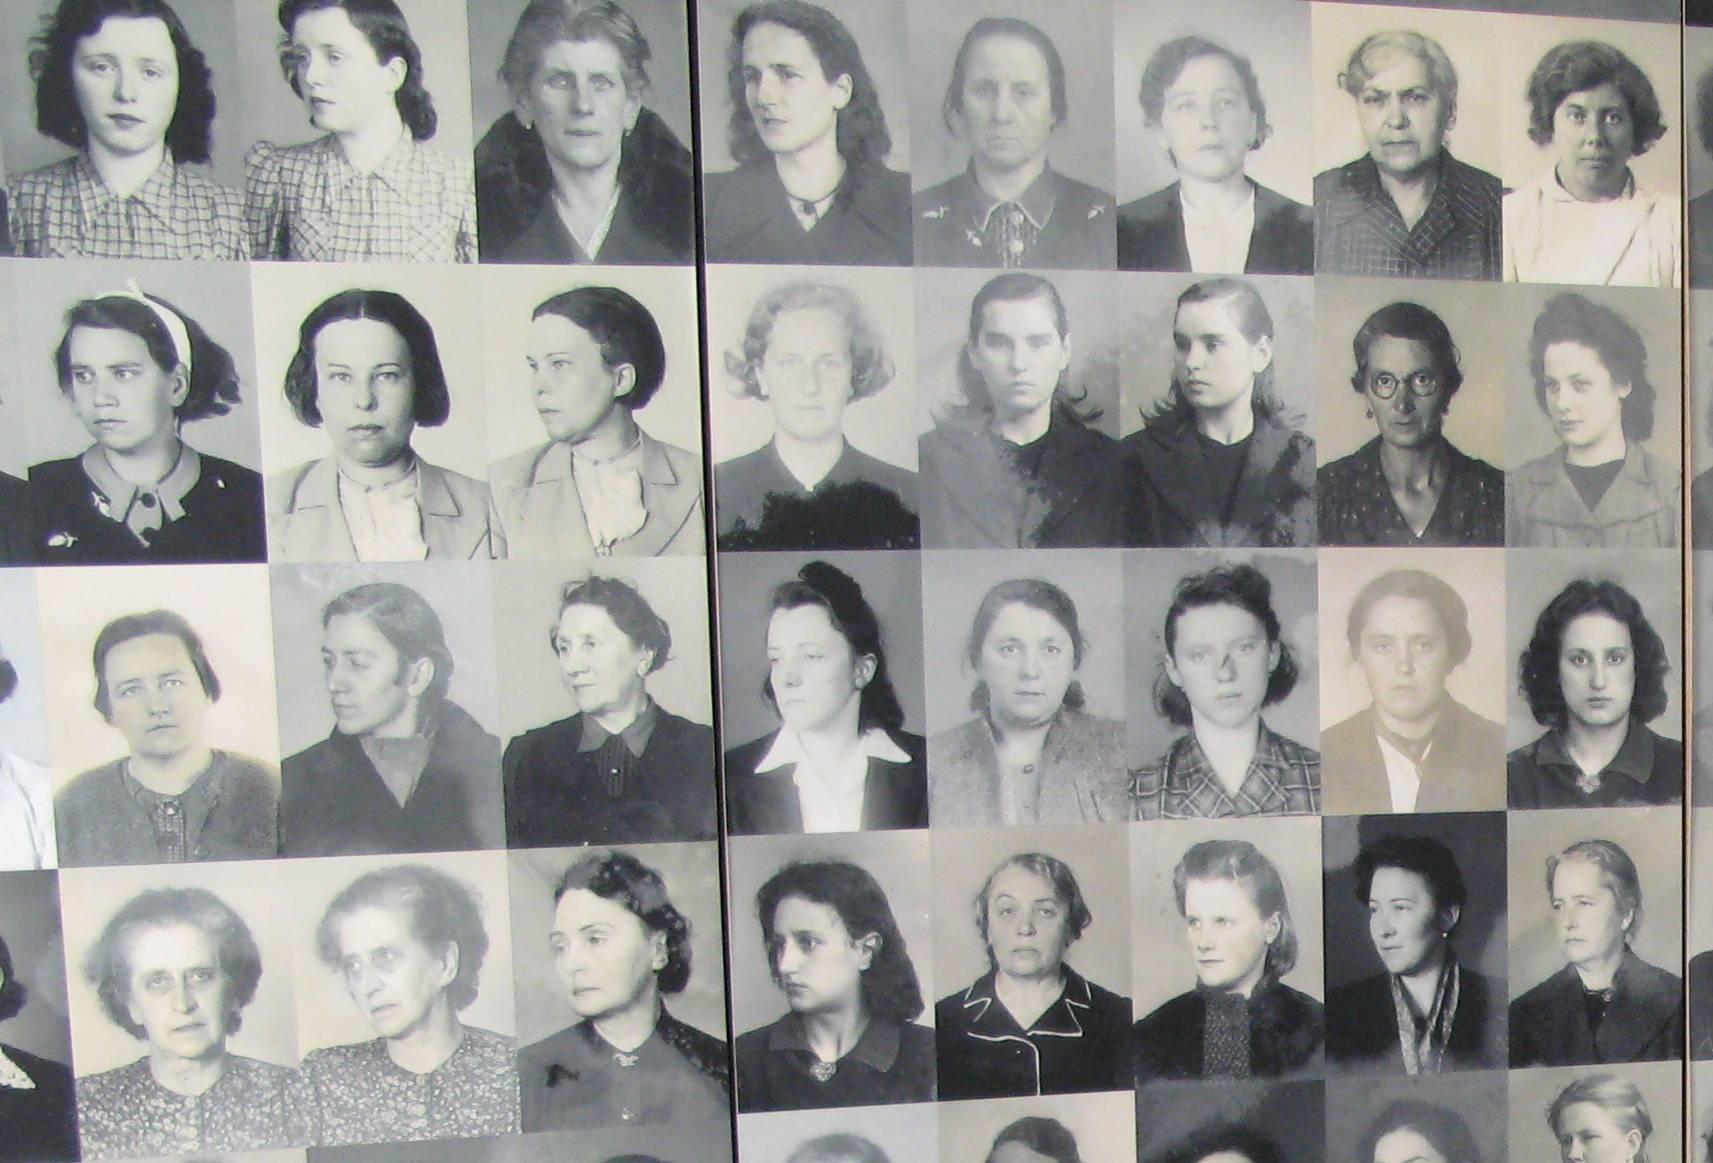 Obóz w Ravensbrück stał się symbolem piekła kobiet. Był jedynym całkowicie kobiecym obozem na terenie Niemiec.